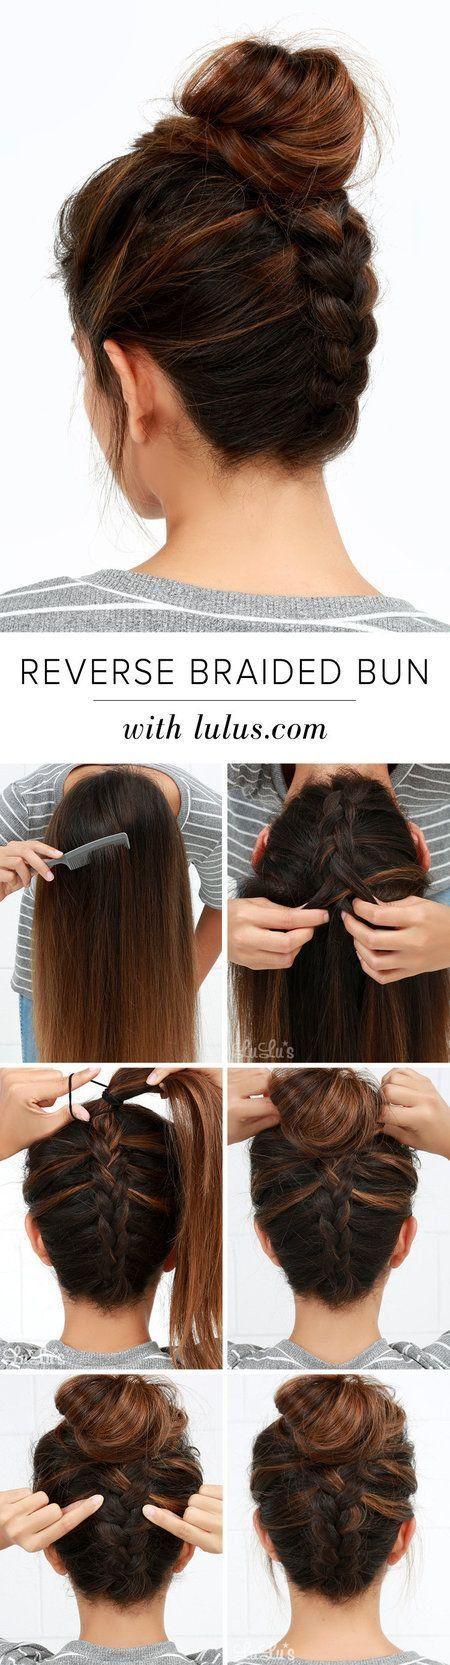 Tuto 10 idées de coiffures tressées repérées sur